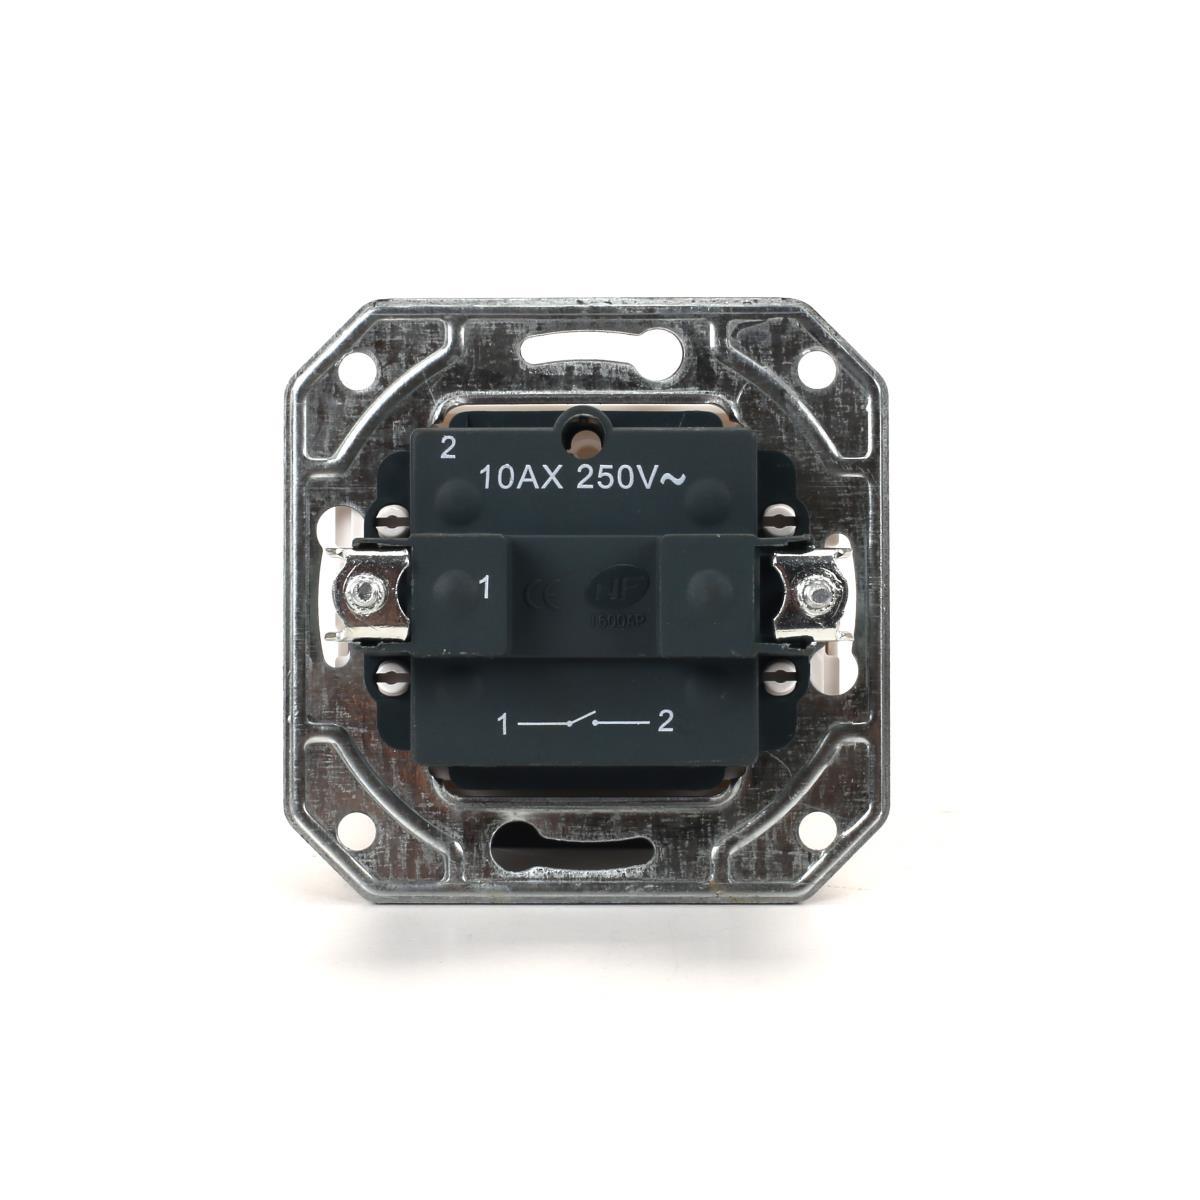 Lichtschalter Unterputz 10 A, 230 V weiß Serie TAILI,Vagner SDH,TL1101, 4770364106781